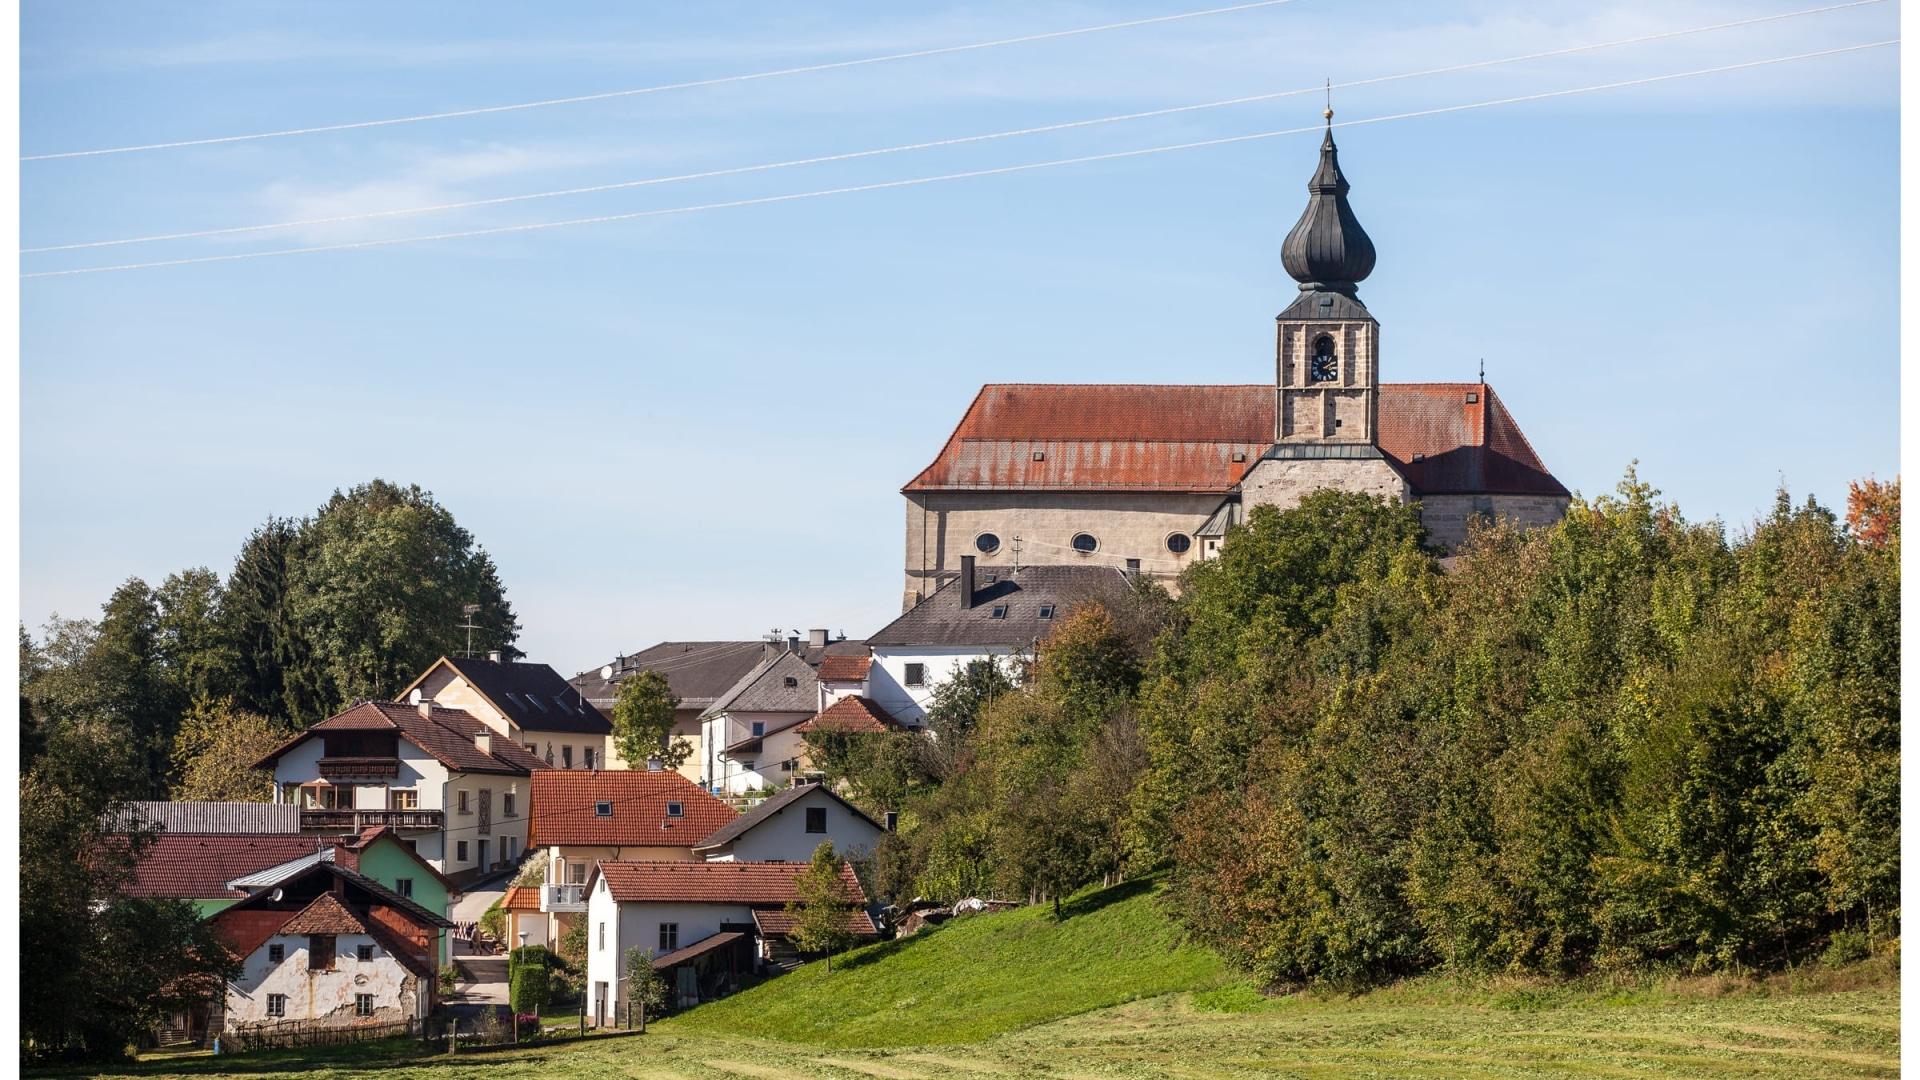 Kirche Adlwang © Horst Bachofner